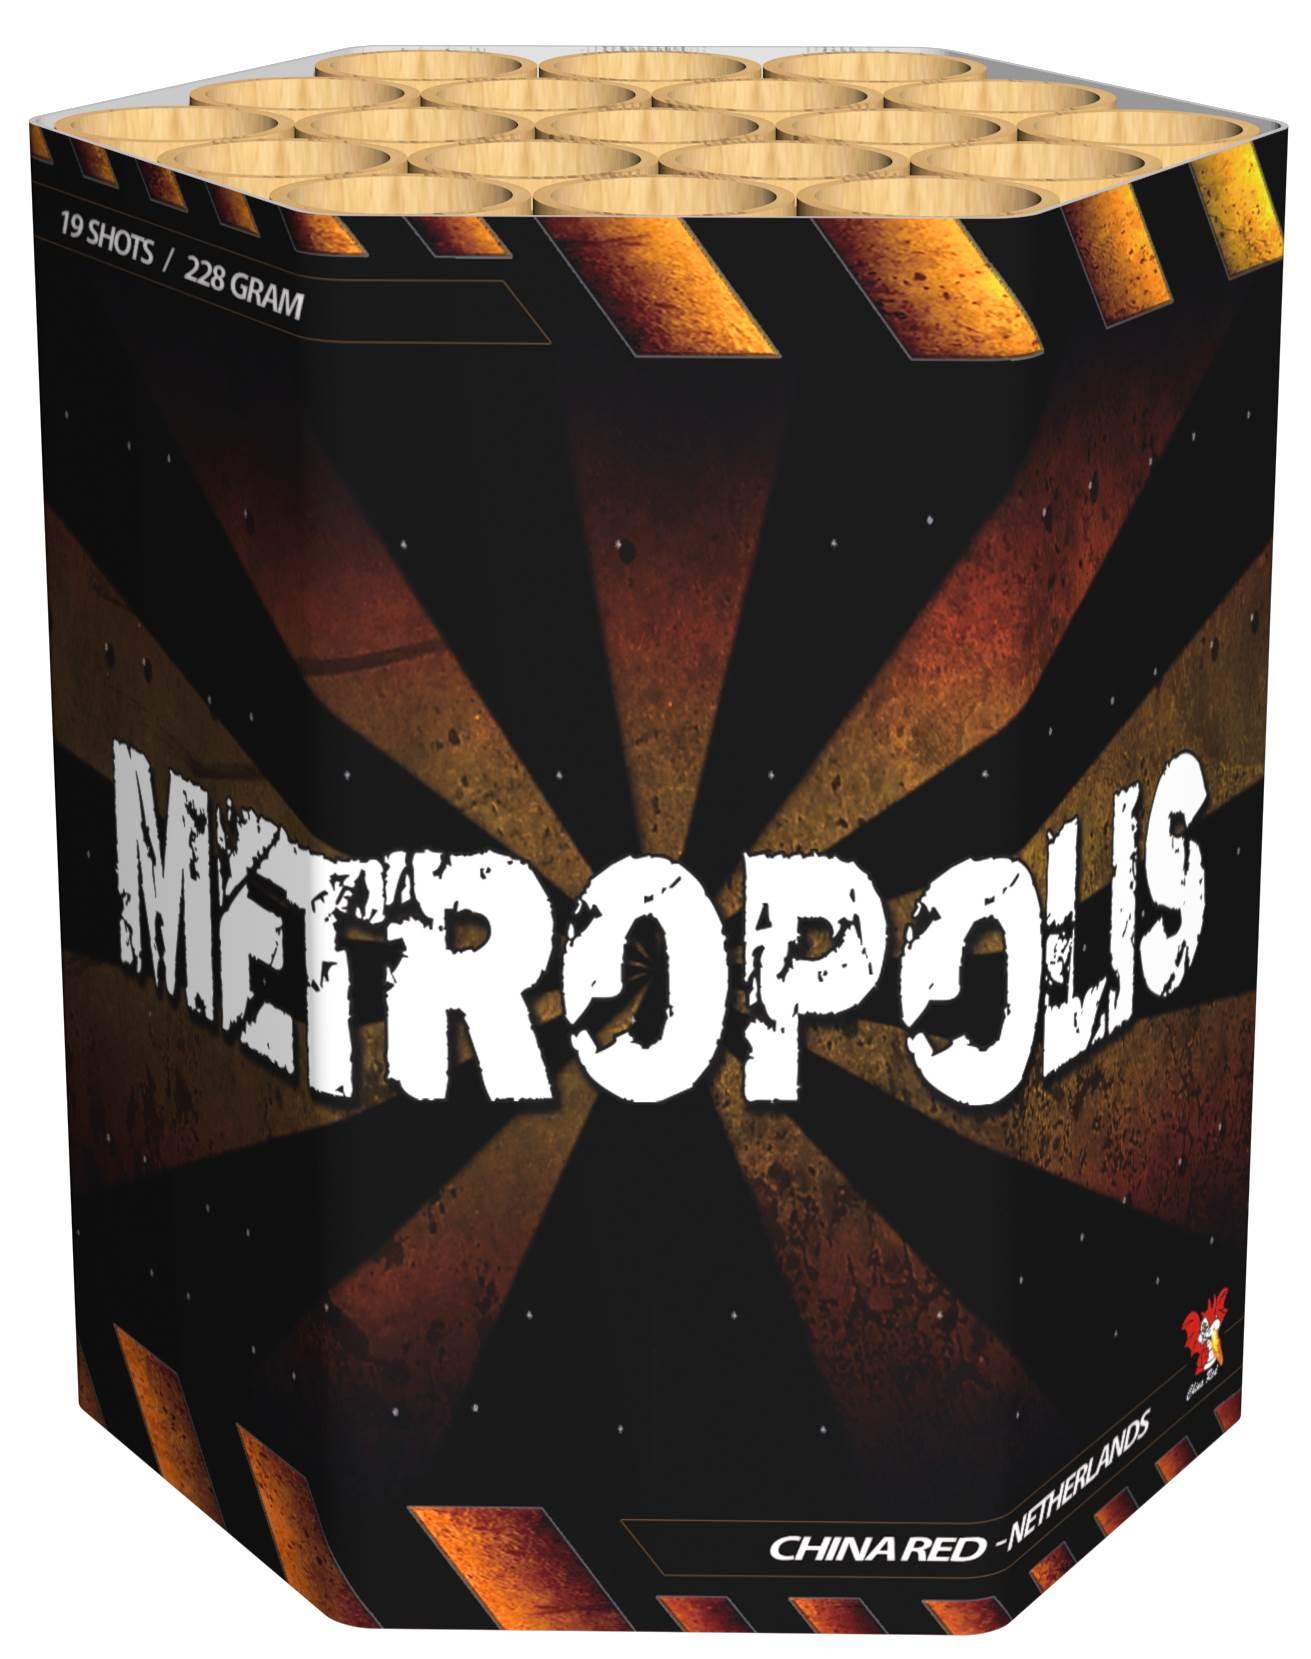 Metropolis / Intense